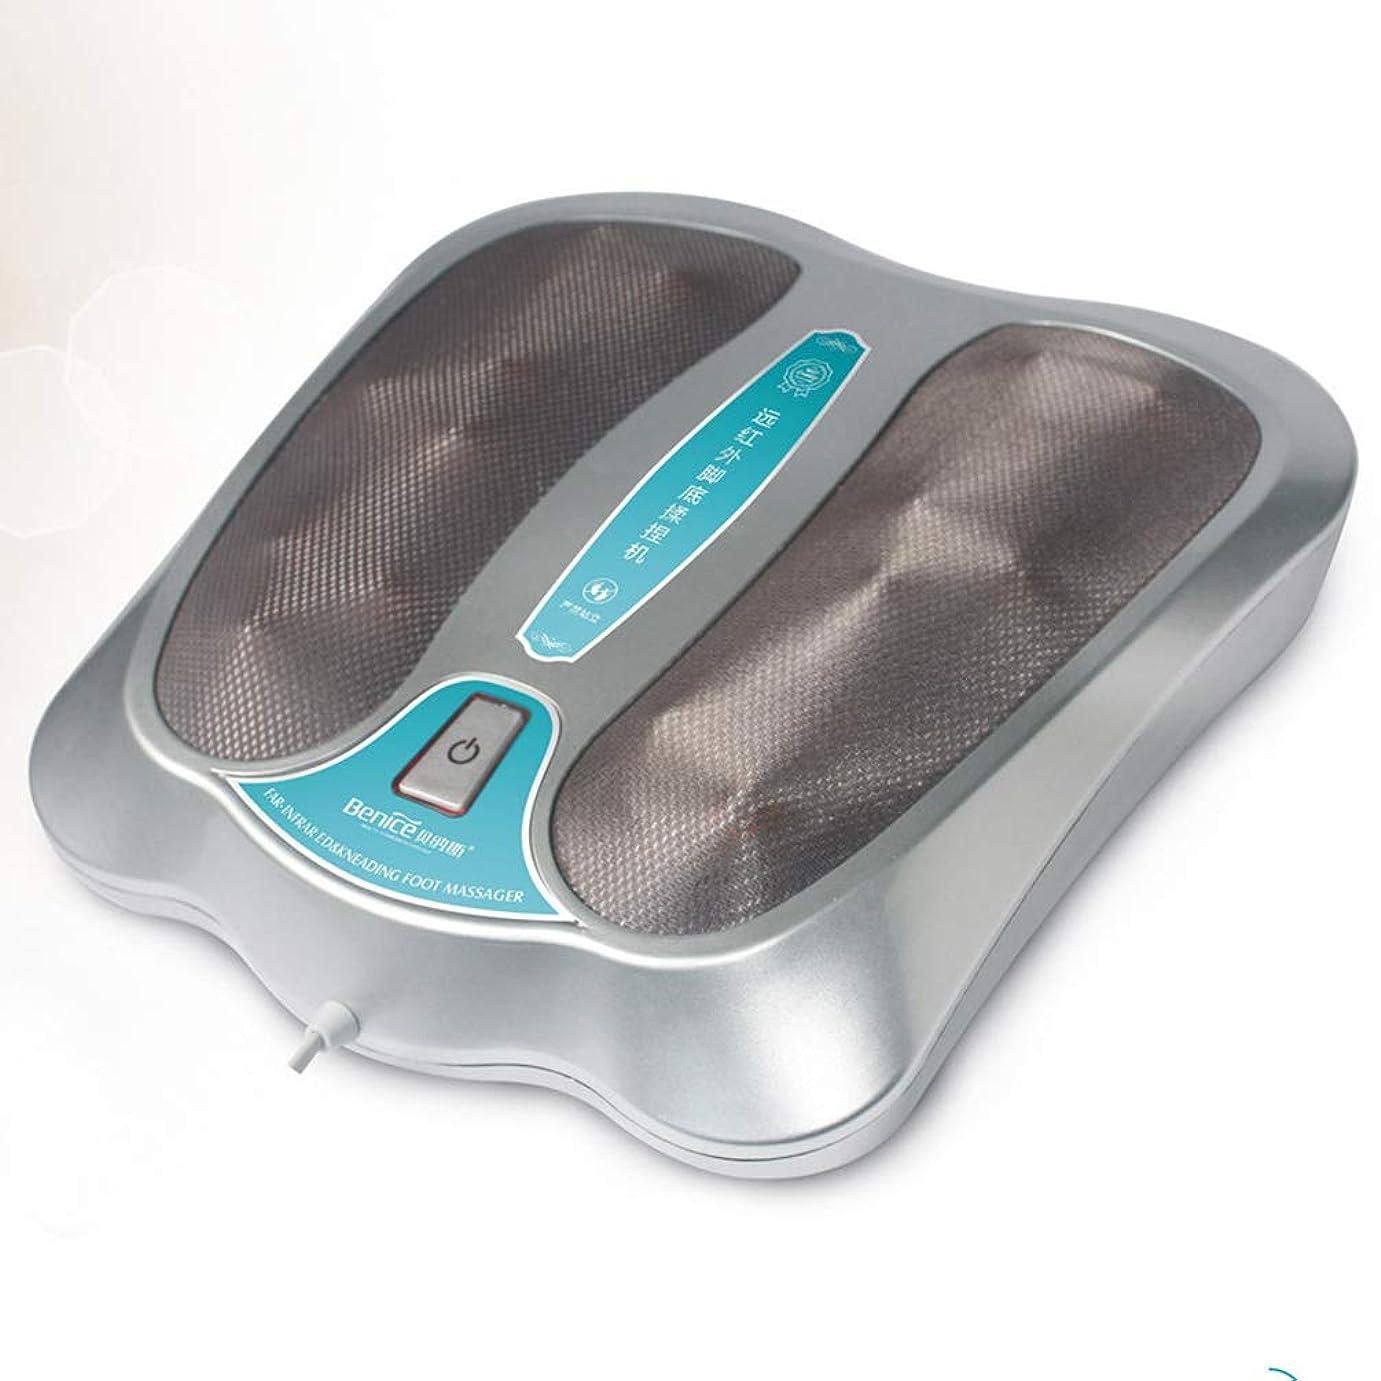 ずるいイタリアのフィットリモコン 足のマッサージャー機械、鉄の家のためのそしてオフィスの熱の電気指圧の足のマッサージャー、 インテリジェント